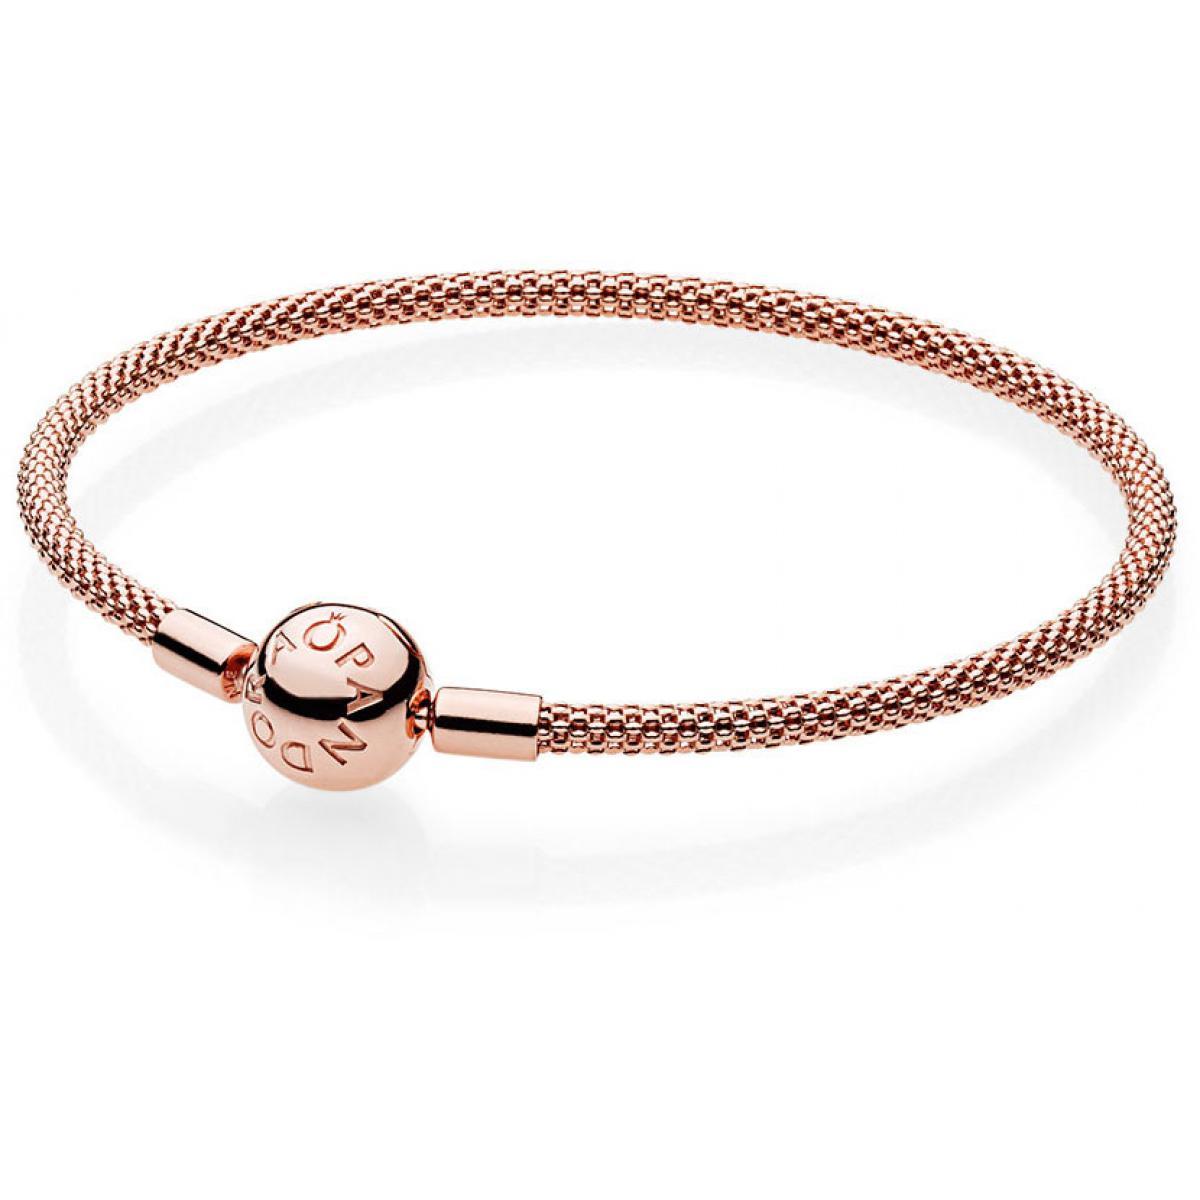 Bracelet Pandora 586543 - Bracelet Maille Tissée Moments en Rose Femme